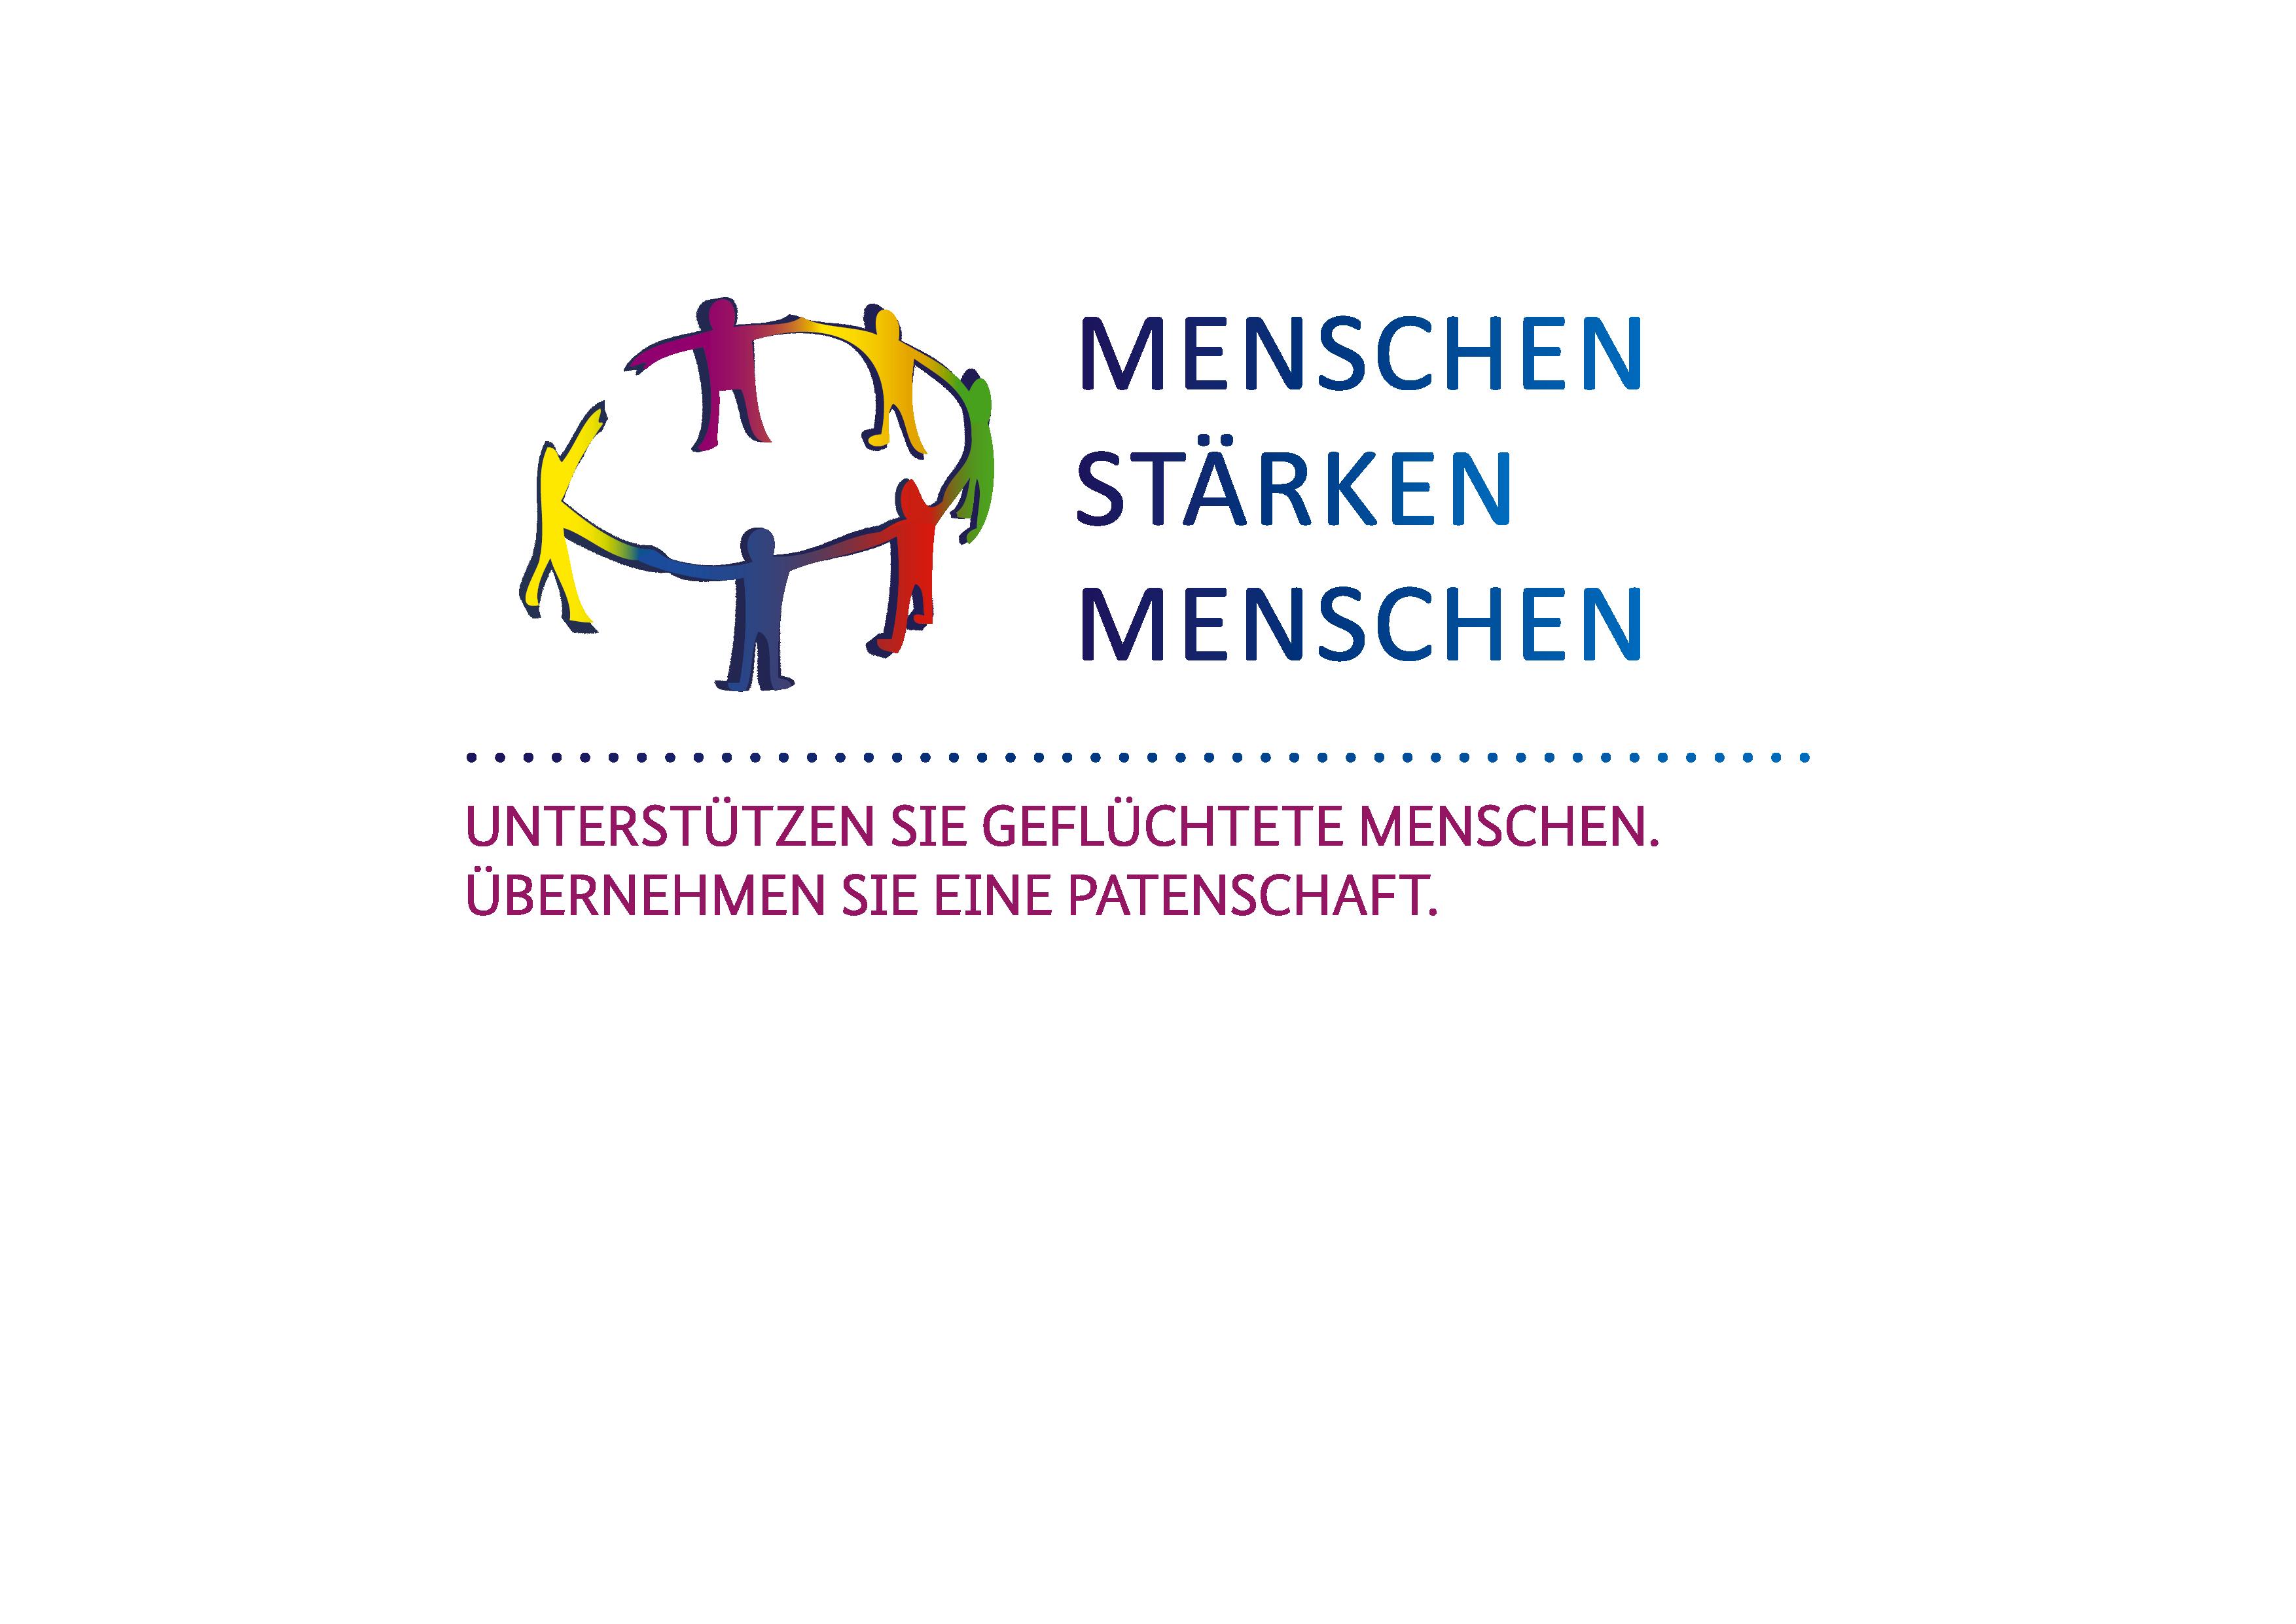 031616_BMFSFJ_Patenschaftsprogramm_logo_Patenschaft